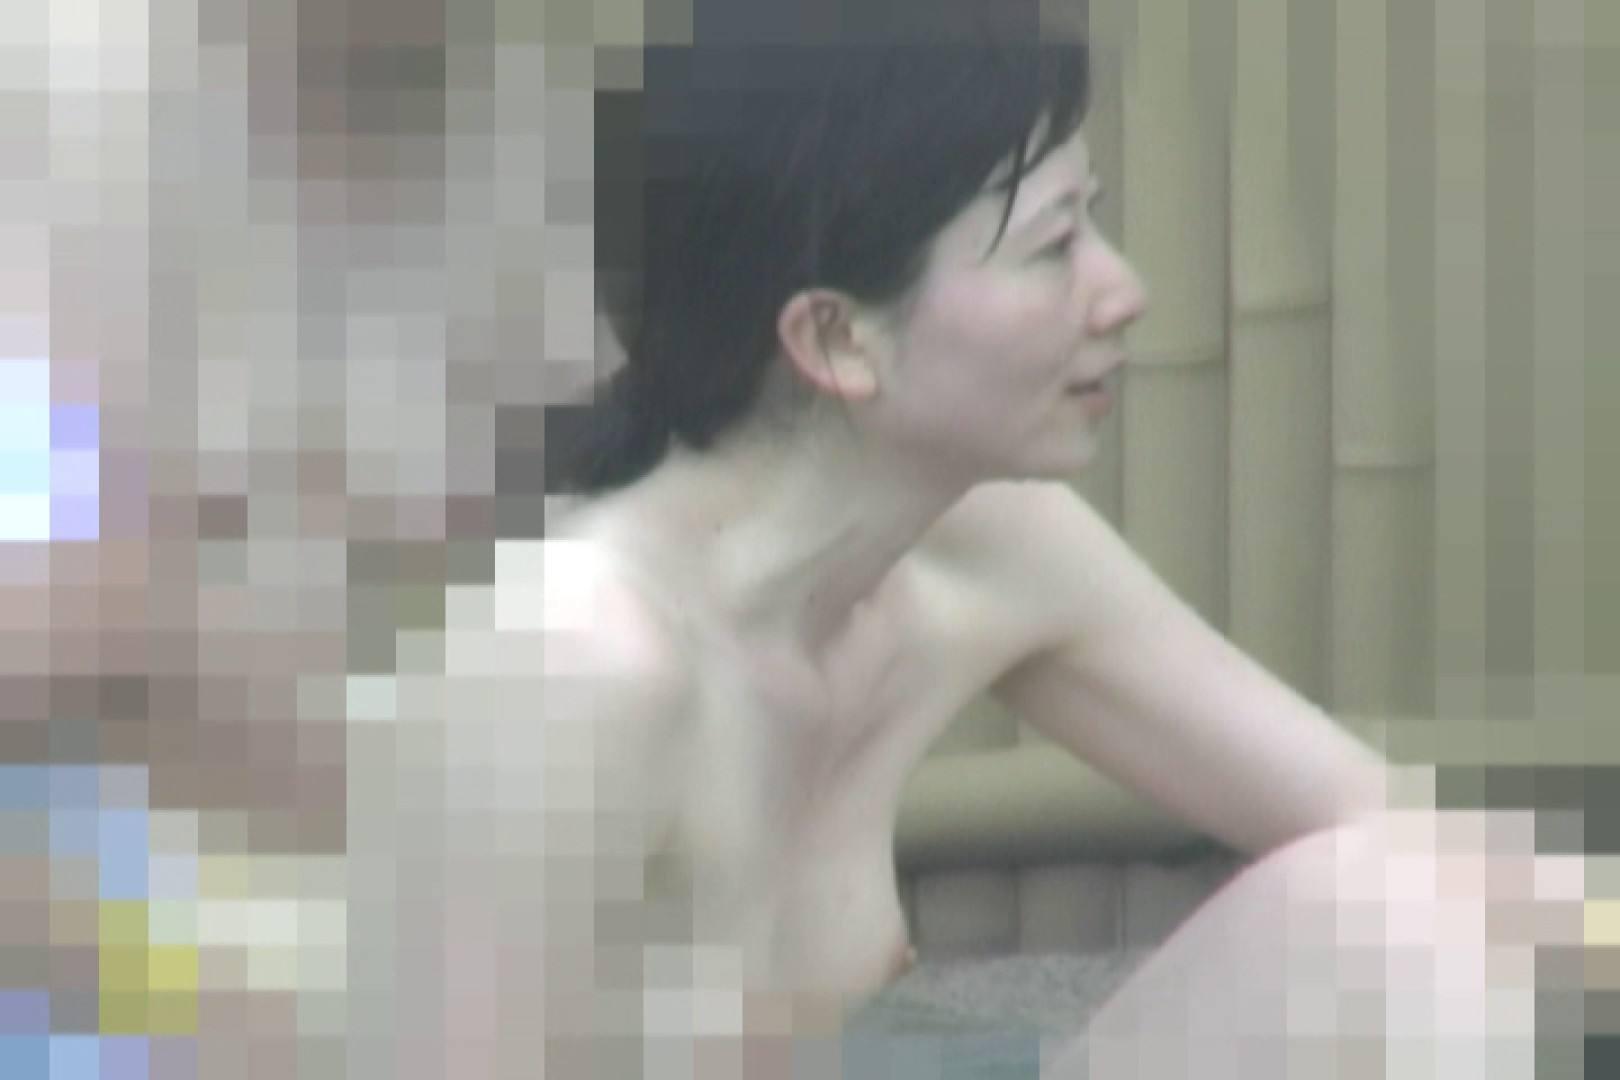 Aquaな露天風呂Vol.835 盗撮シリーズ  92PIX 76